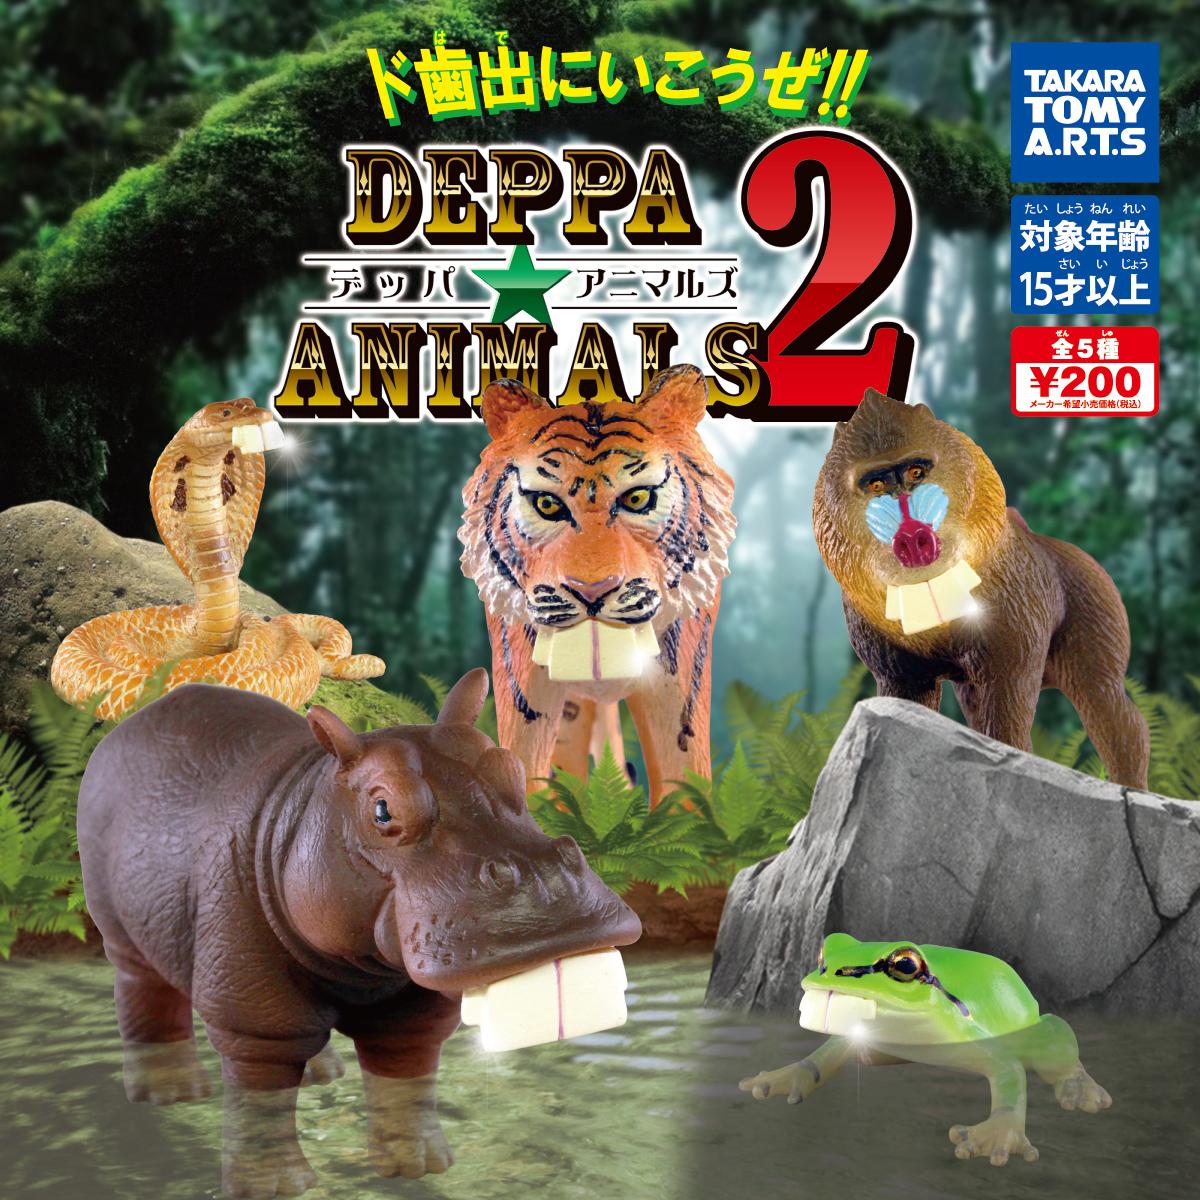 กาชาปอง ญี่ปุ่น 2020